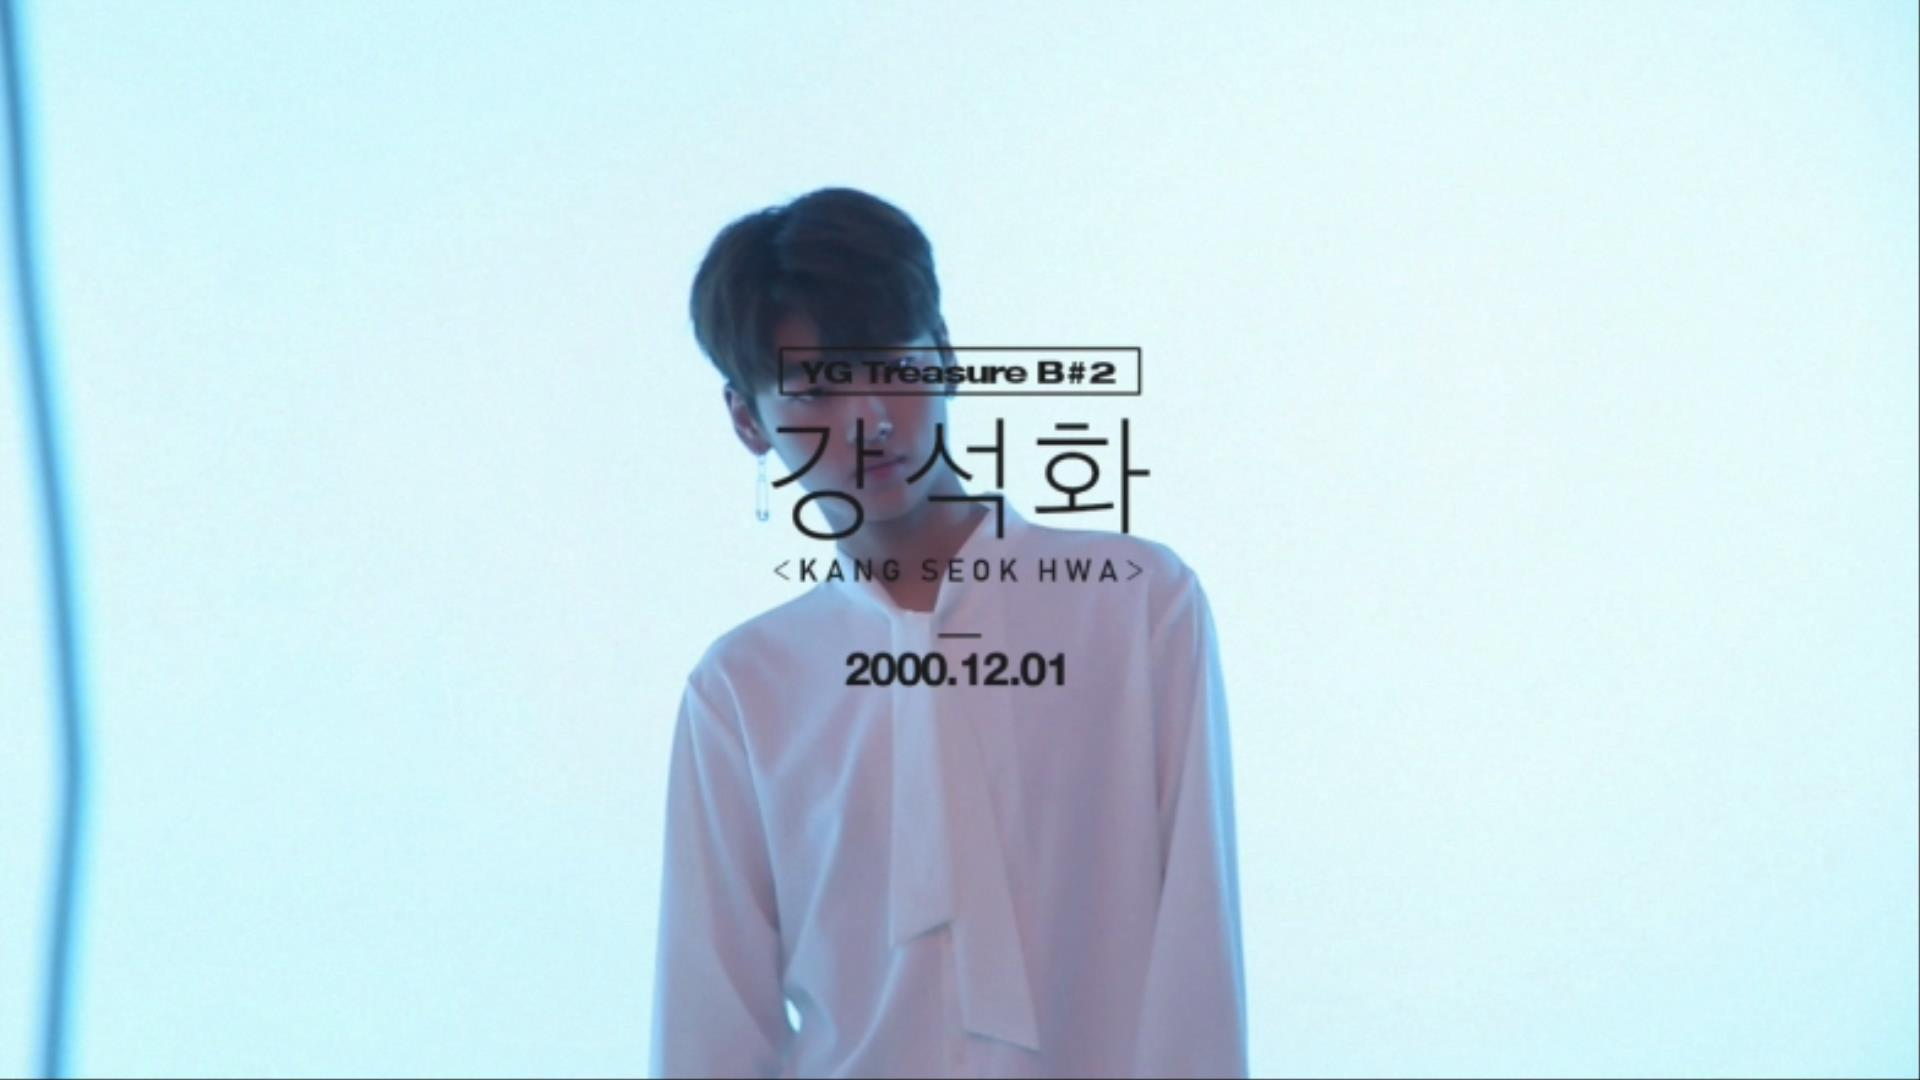 YG보석함ㅣB#2 강석화 <KANG SEOKHWA> PROFILE MAKING FILM